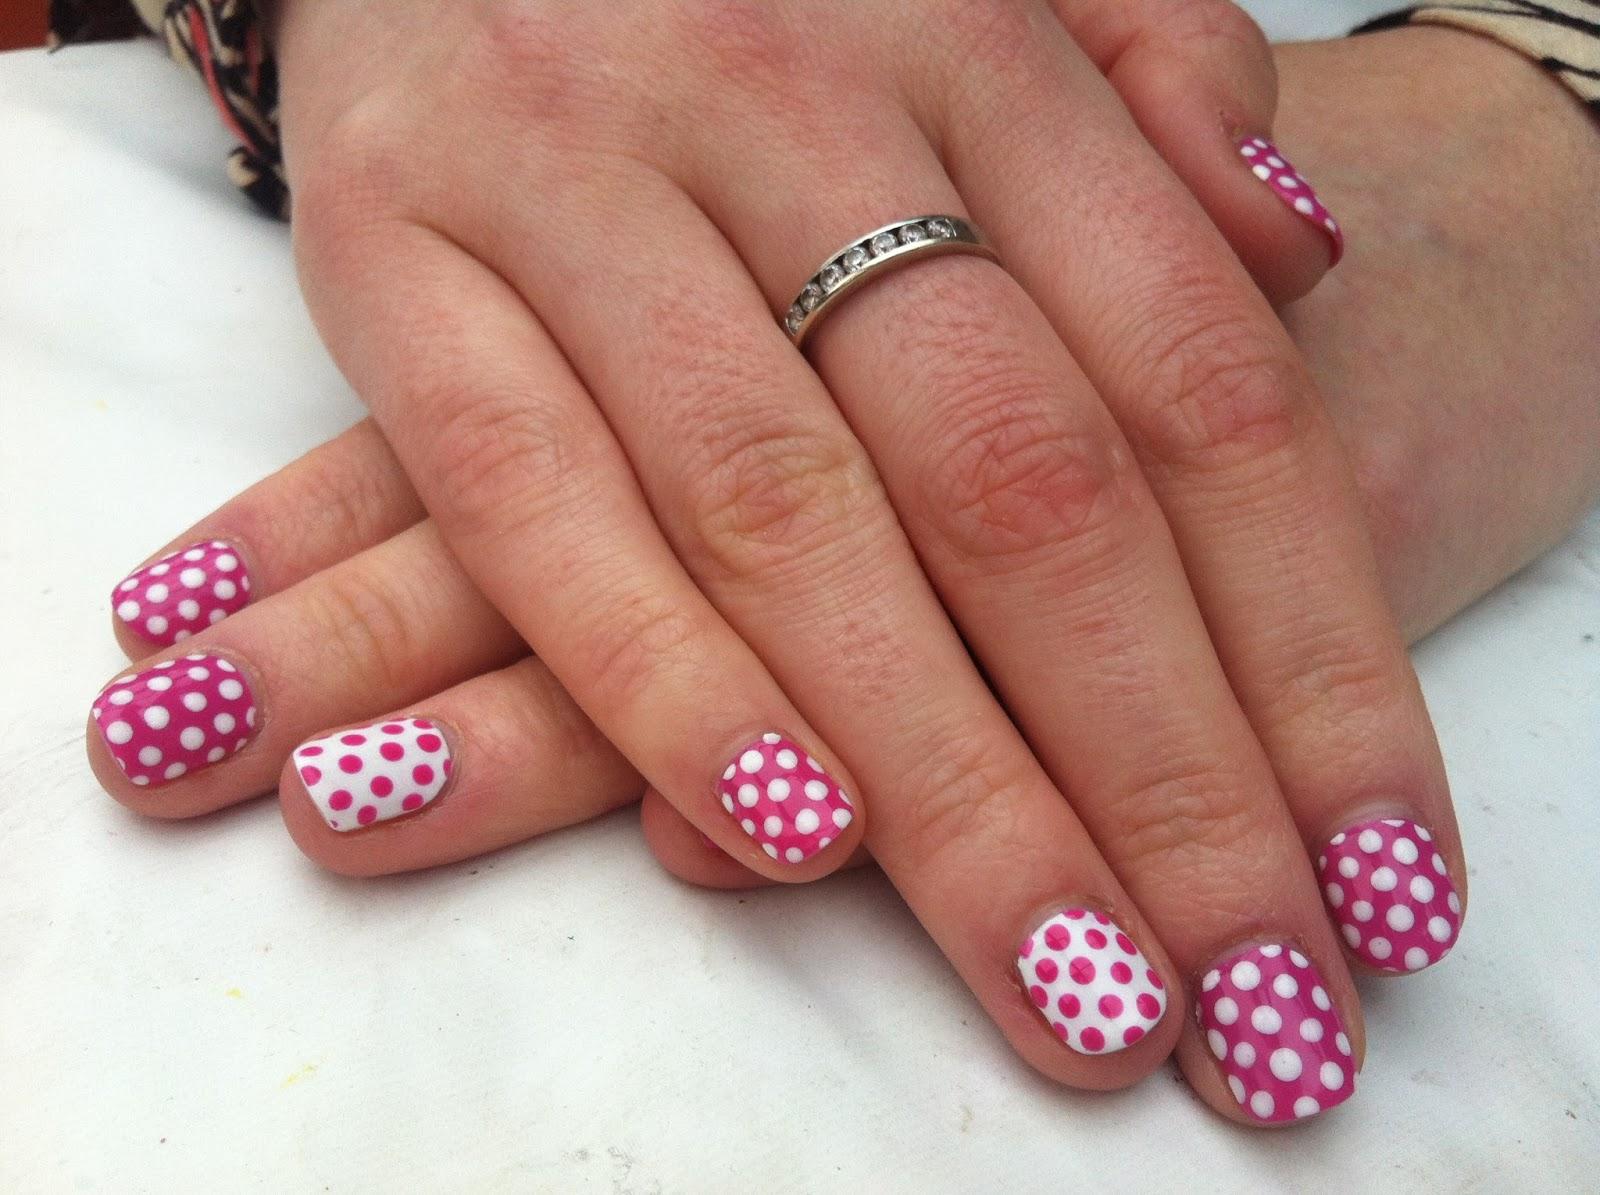 Nail Art Designs Using Shellac : Brush up and polish cnd shellac nail art pink polka